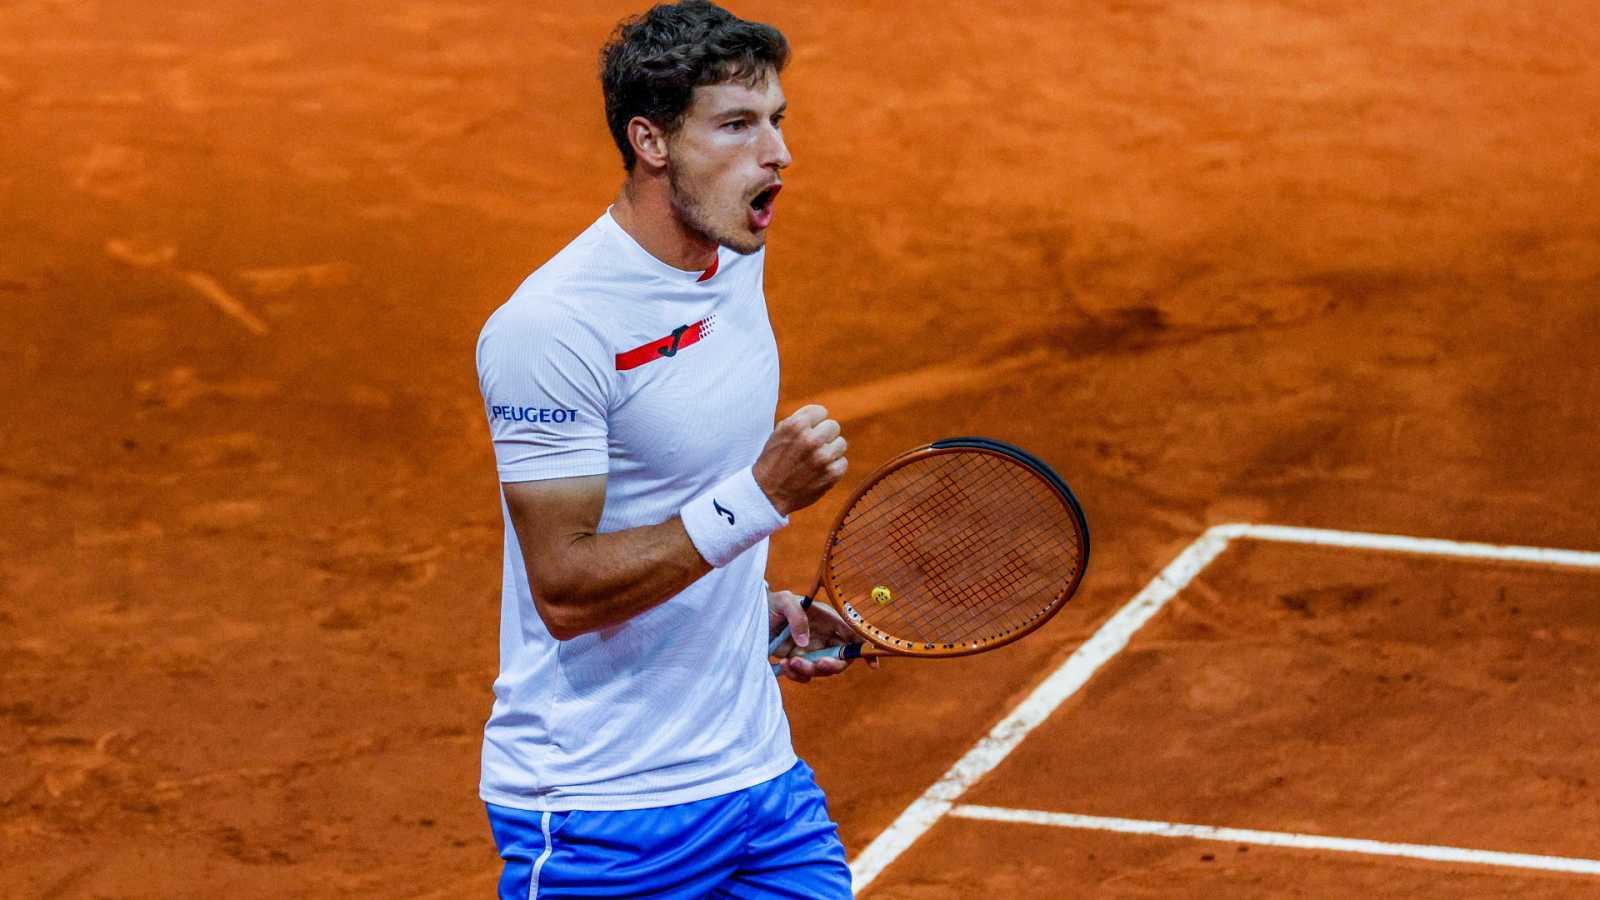 Tenis - ATP Mutua Madrid Open: F. Delbonis - P. Carreño Busta - ver ahora